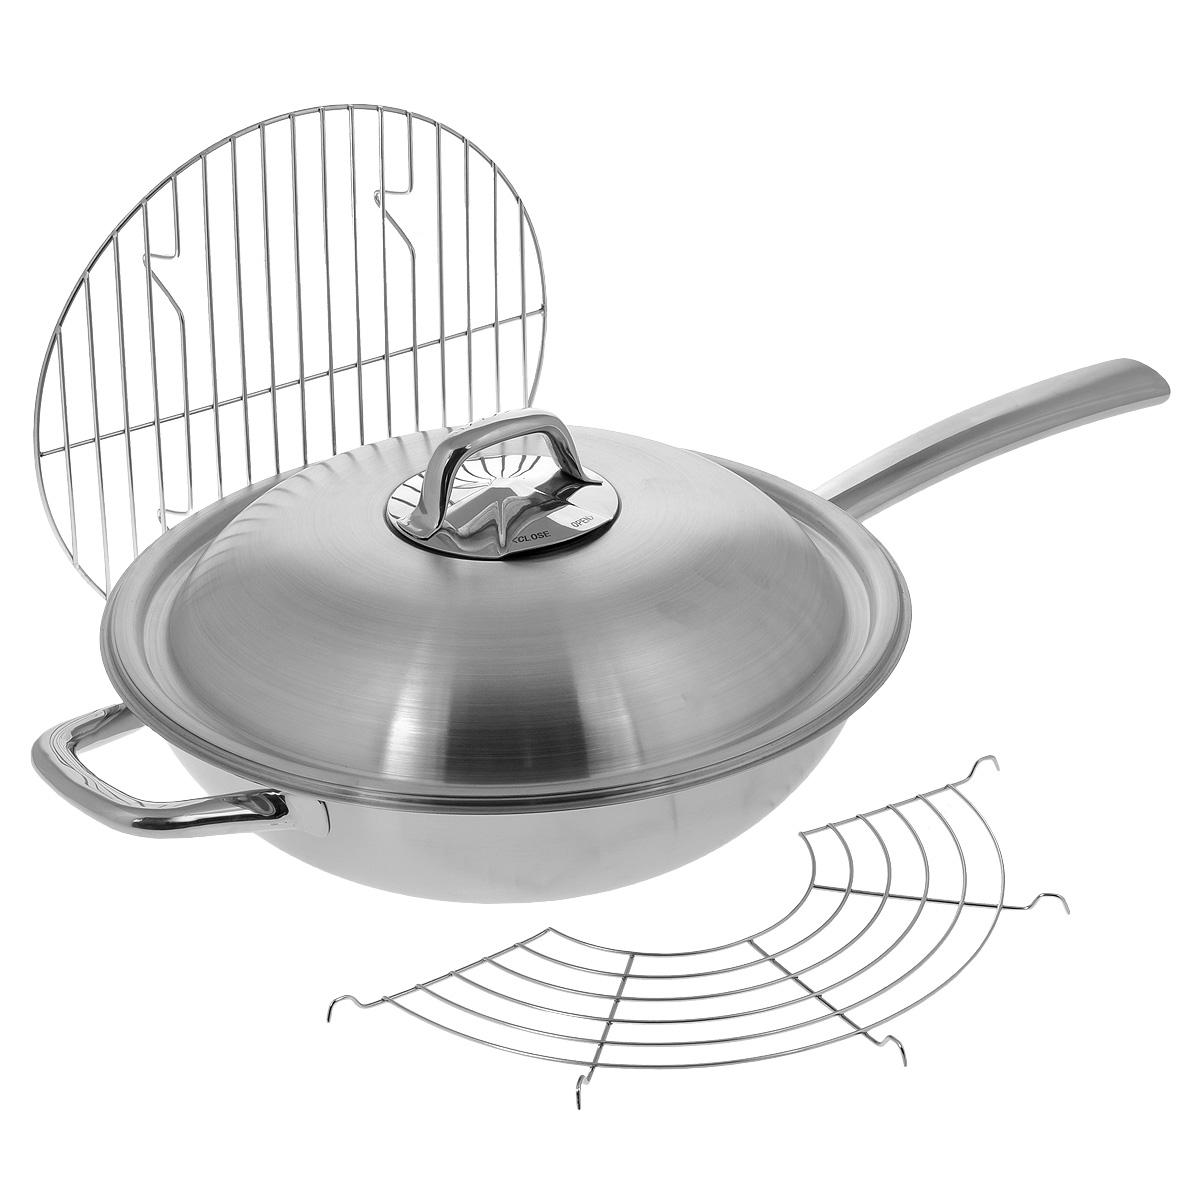 Сковорода-вок Tescoma President с крышкой, с решеткой-подставкой, с сеткой и решеткой для приготовления на пару. Диаметр 32 см68/5/4Сковорода-вок Tescoma President, изготовленная из нержавеющей стали, отлично подходит для жарки, приготовления пищи на пару, блюд азиатской кухни. Благодаря трехслойной конструкции, температура внутри вока остается равномерной и постоянной. Вок имеет куполообразную крышку для оптимальной циркуляции пара и регулирования его выхода. Массивная и маленькая ручки изготовлены из высококачественной нержавеющей стали для комфортного и безопасного обращения. В набор также входят вместительная сетка для приготовления блюд на пару, полукруглая решетка-подставка и решеточка-подставка для хранения и приготовления блюд на пару.Вок имеет матовую поверхность, а длинная ручка - зеркальную.В наборе - буклет с рецептами.Подходит для всех типов плит, в том числе для индукционных. Можно мыть в посудомоечной машине.Высота стенки вока: 9,5 см. Длина ручки: 22 см. Толщина стенки: 2 мм. Толщина дна: 3 мм. Диаметр по верхнему краю: 32 см.Размер сетки: 35 см х 35 см х 4 см.Размер полукруглой решетки-подставки: 34 см х 18 см х 1 см.Размер решетки для приготовления на пару: 27 см х 27 см х 3,5 см.